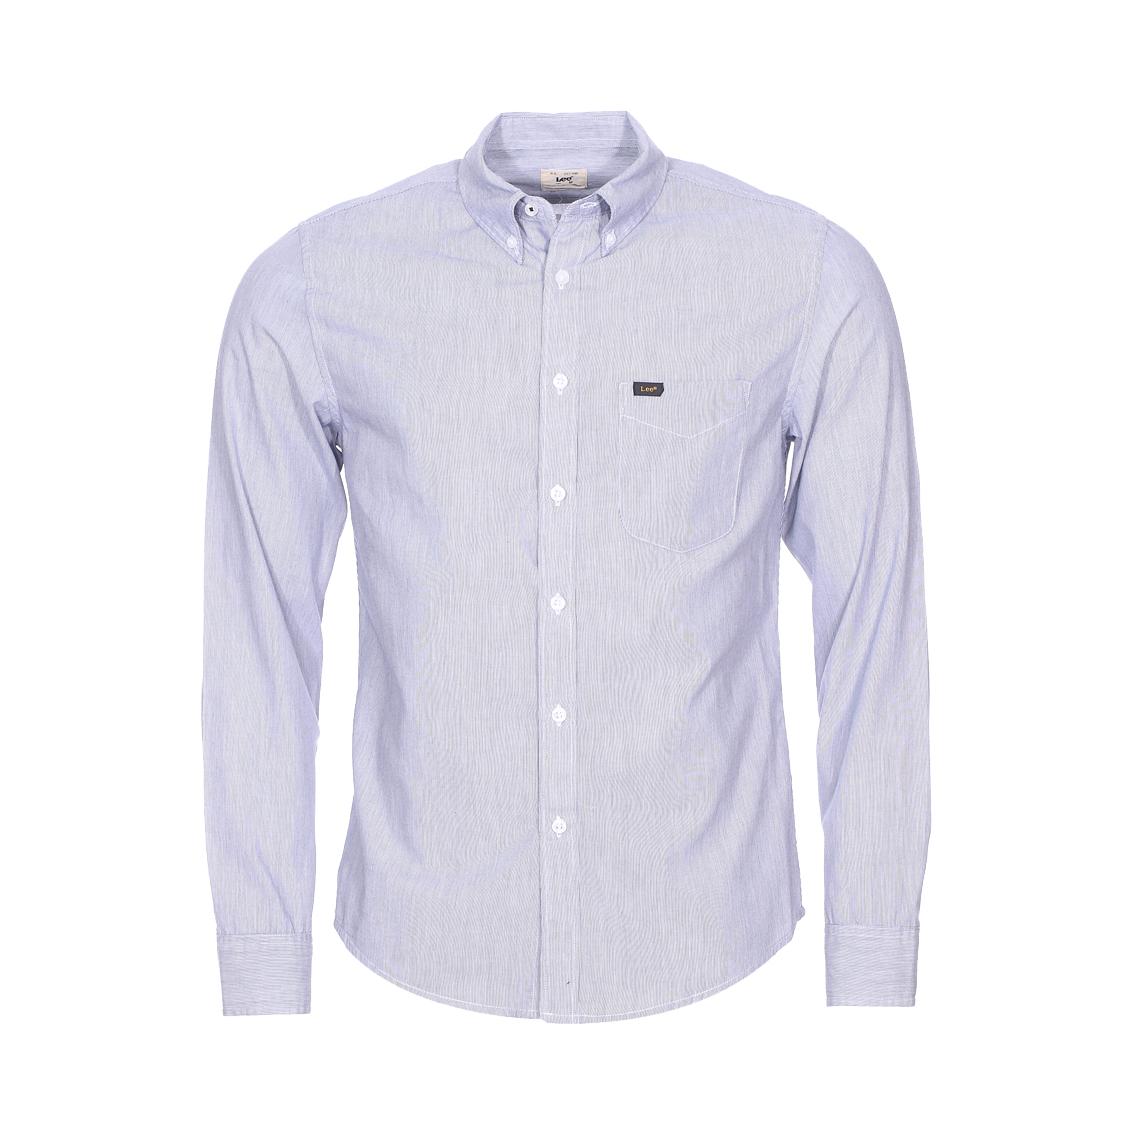 Chemise cintrée  en coton blanc à fines rayures noires